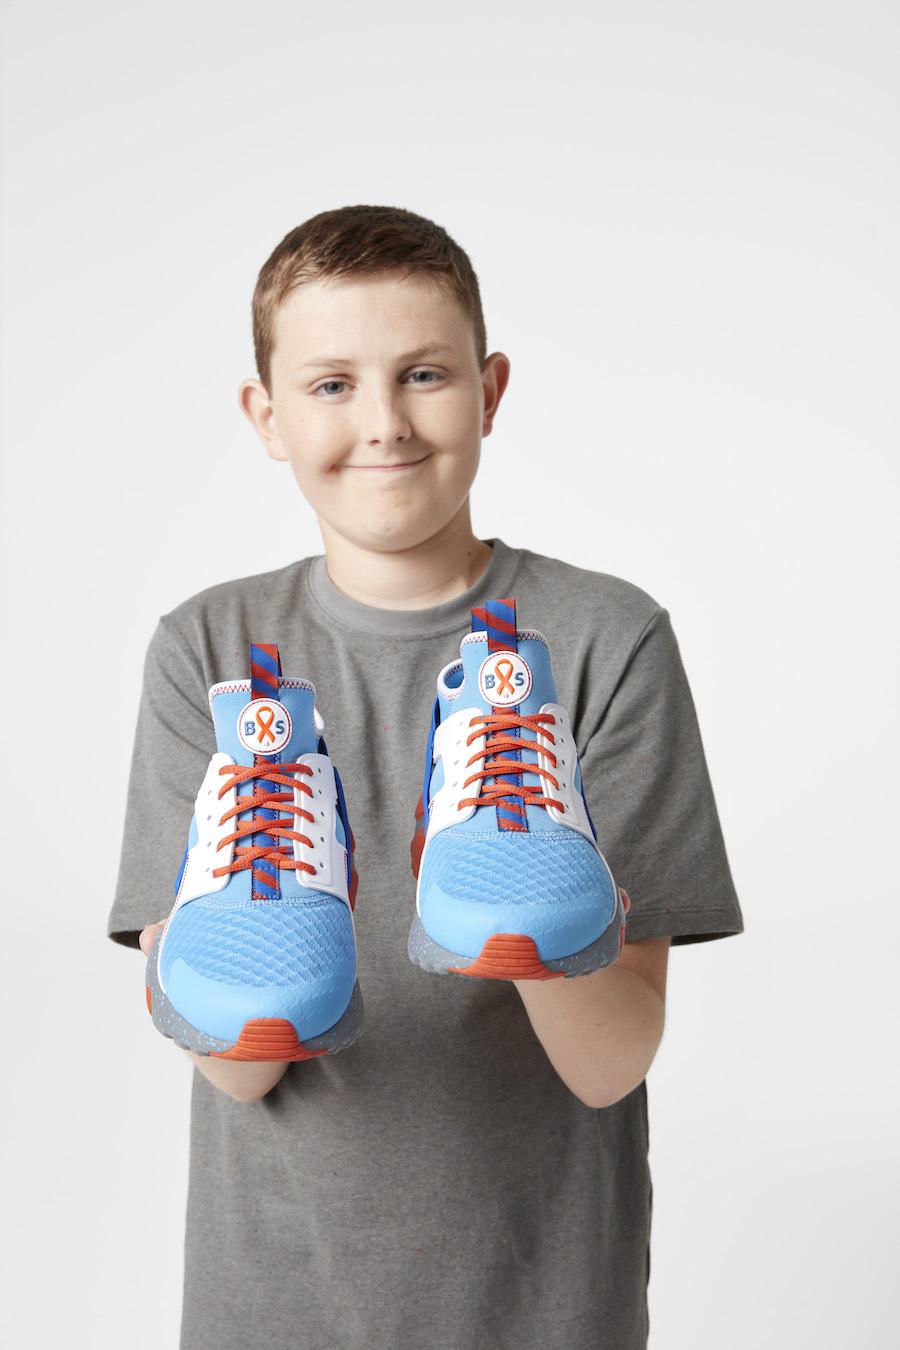 Nike Air Huarache Doernbecher Brayden Sparkman